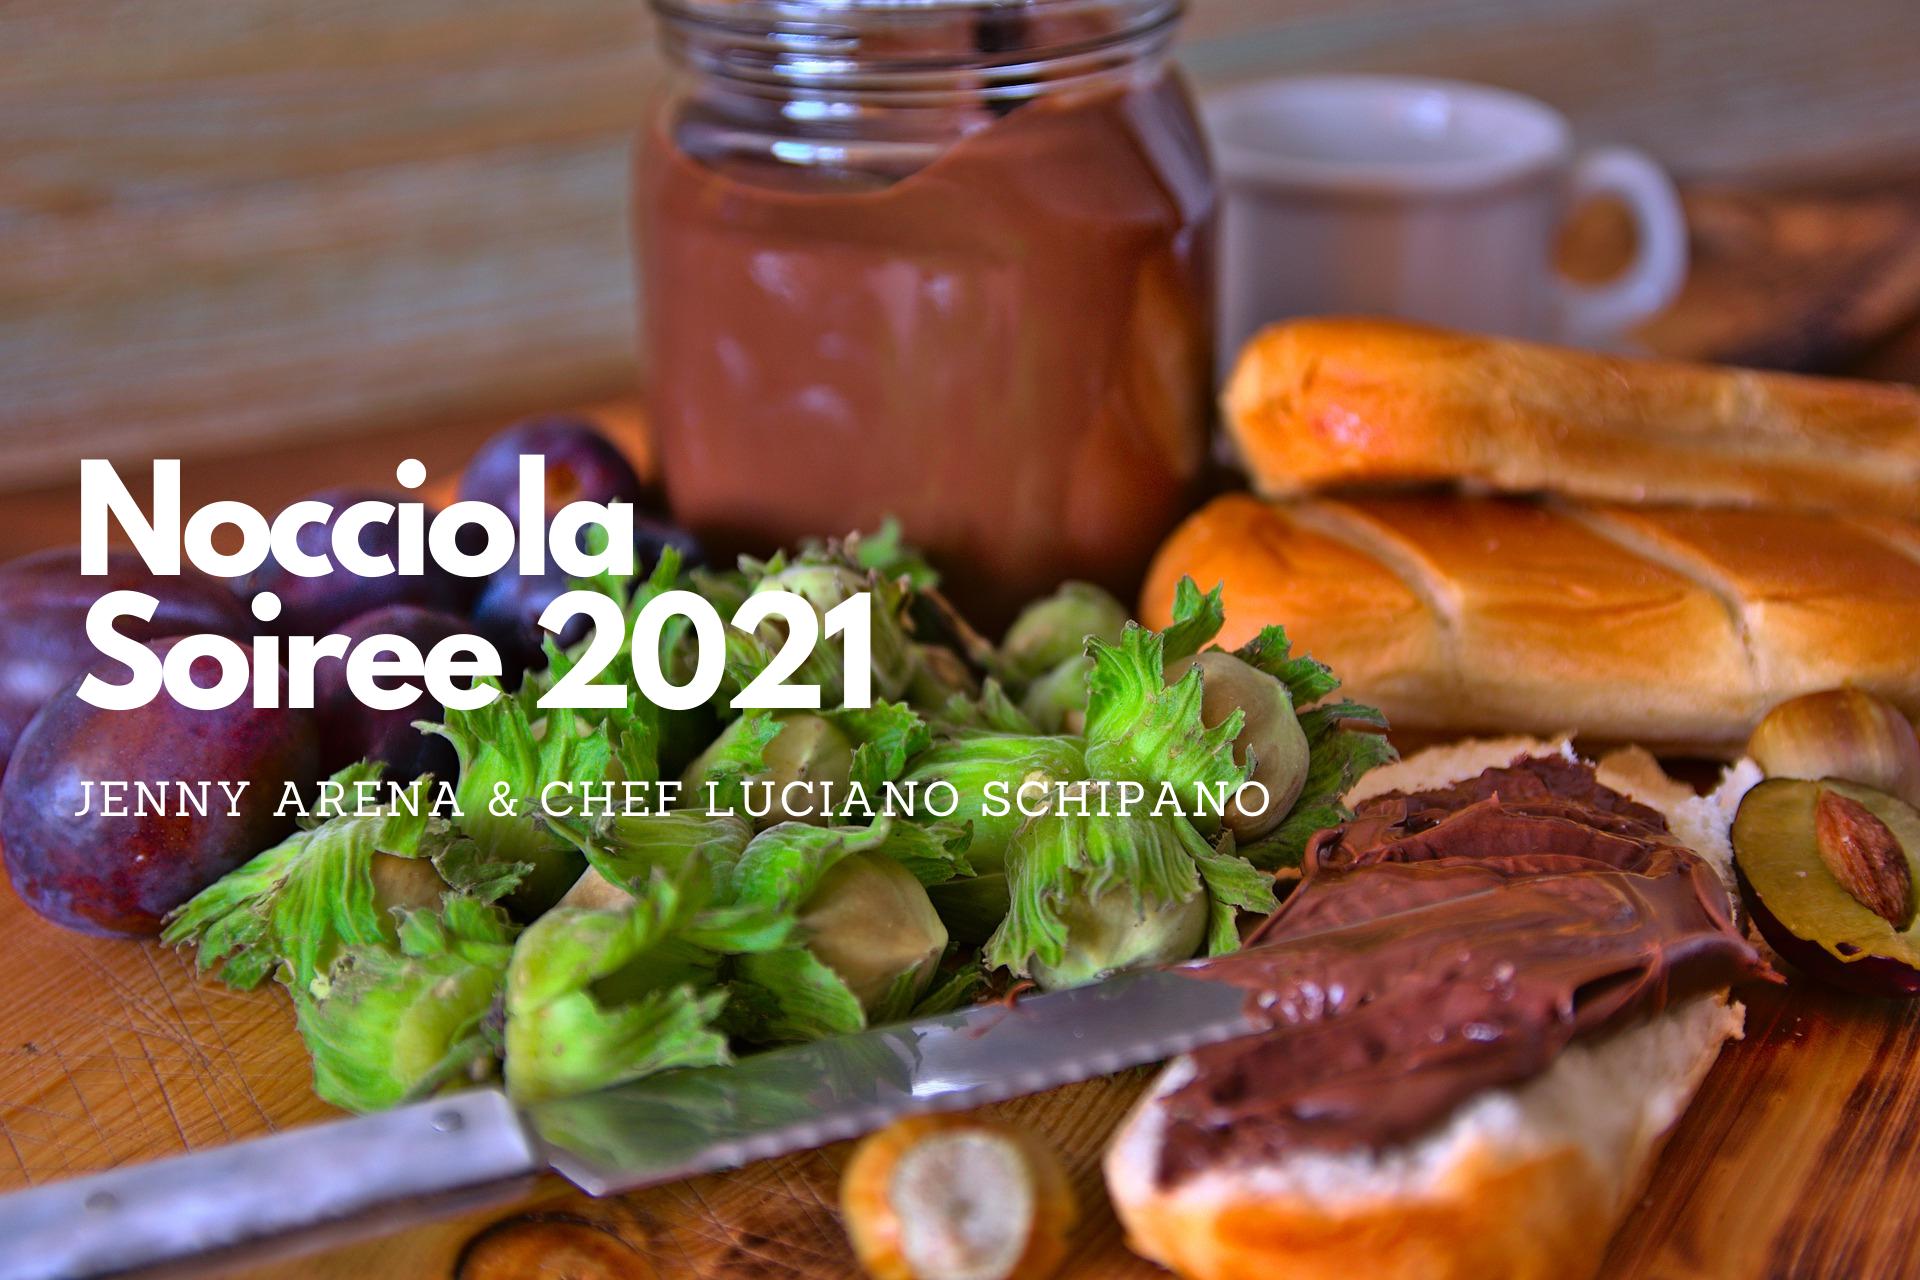 Nocciola Soiree 2021